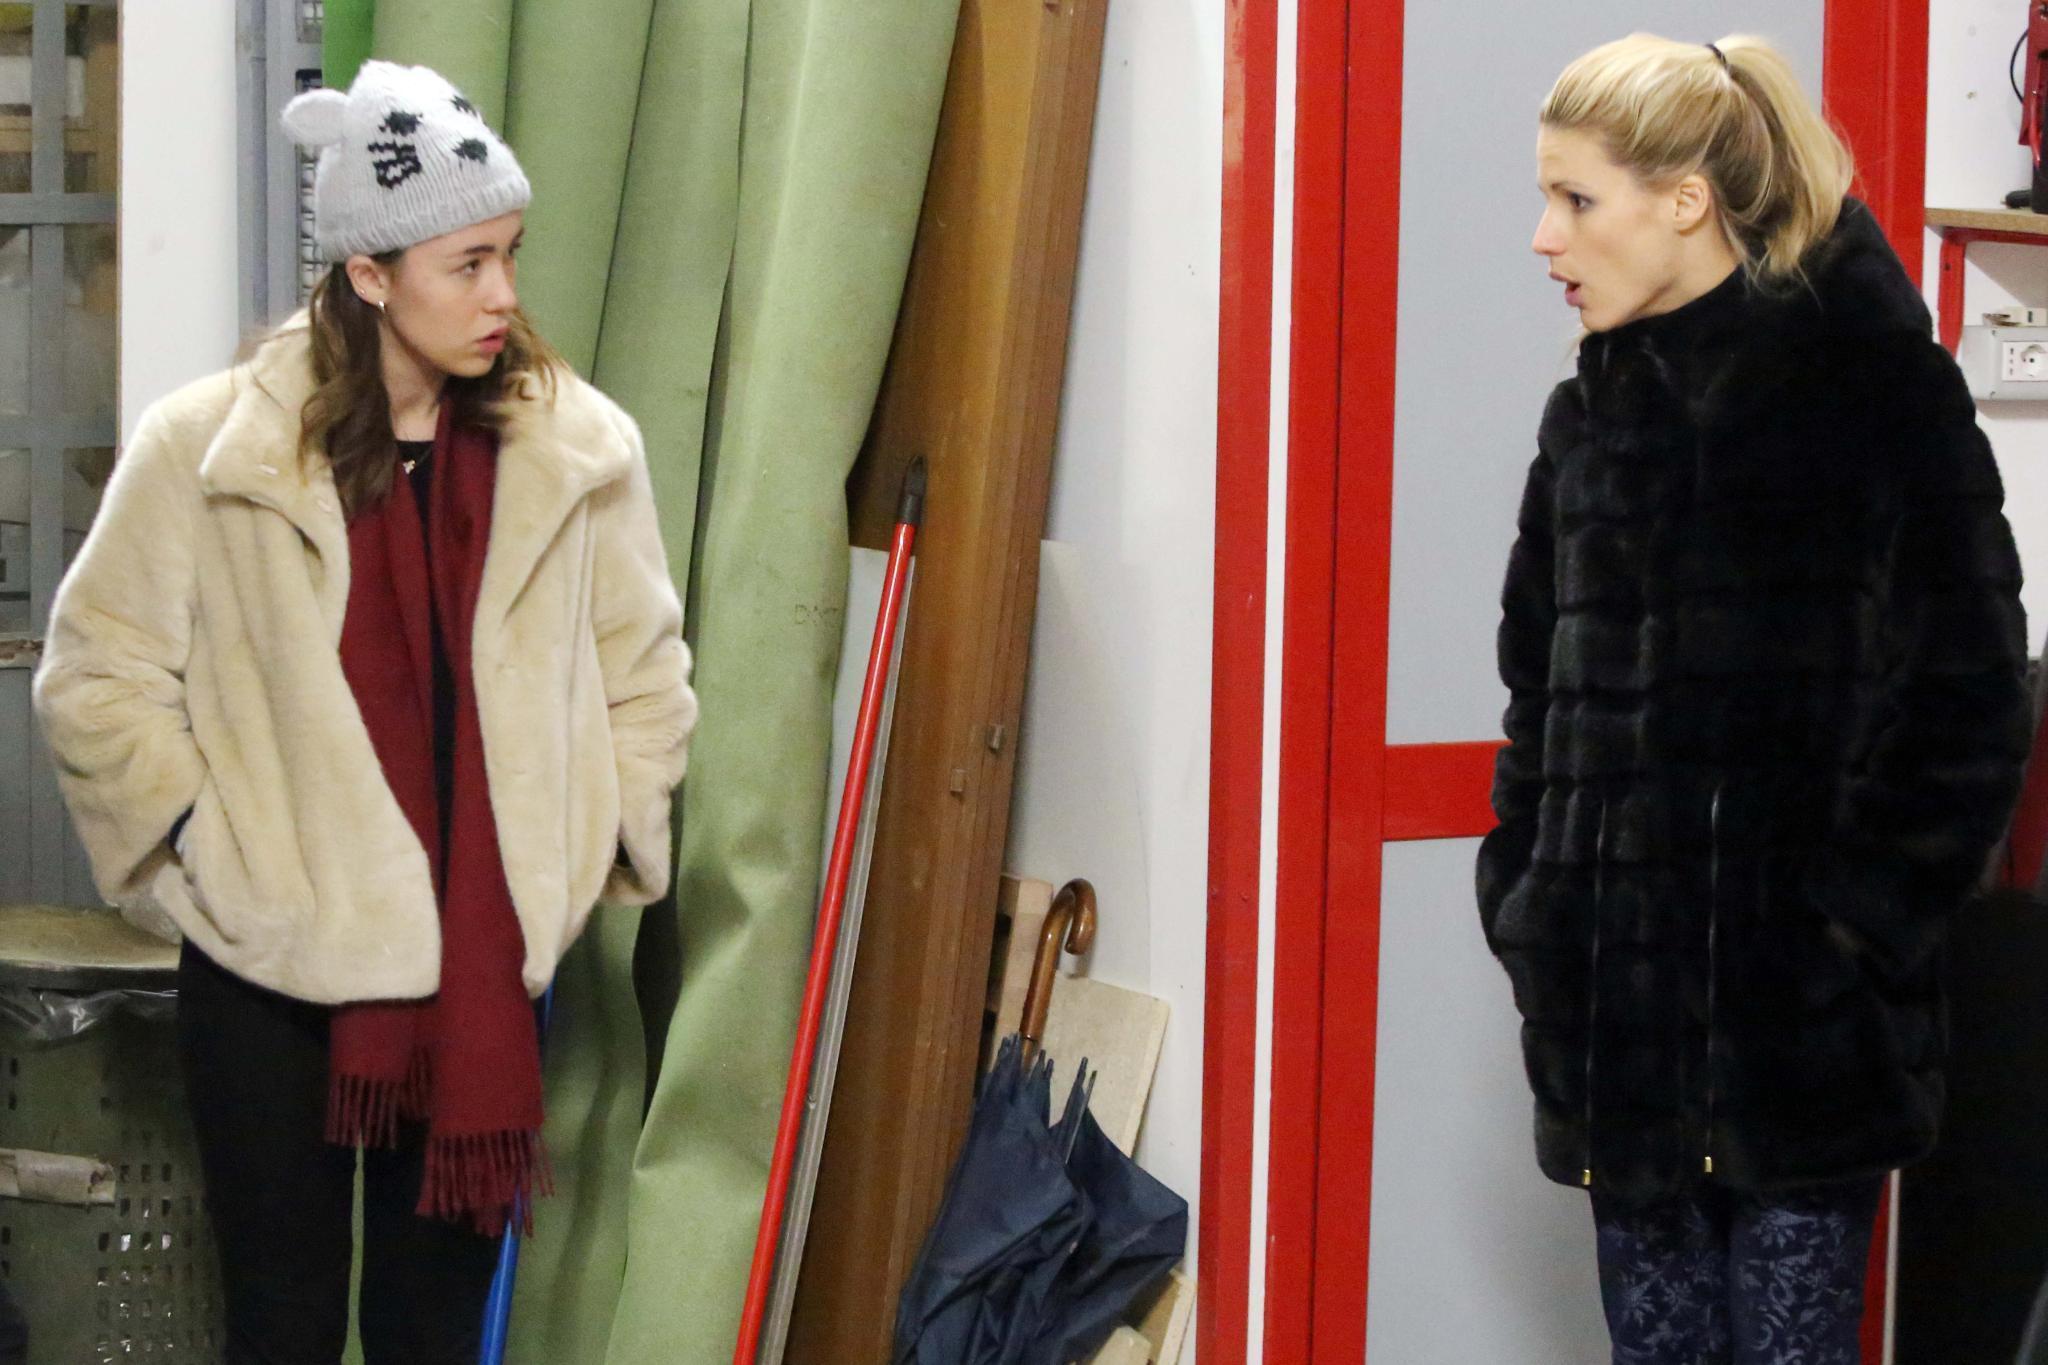 Michelle Hunziker ist mit Töchterchen Aurora Ramazzotti unterwegs auf Möbelsuche in einem Lager in Mailand. Denn: Aurora zieht mit einer Freundin in ihre erste eigene Wohnung. Ganz so einig scheinen sich Mutter und Tochter dabei nicht zu sein.